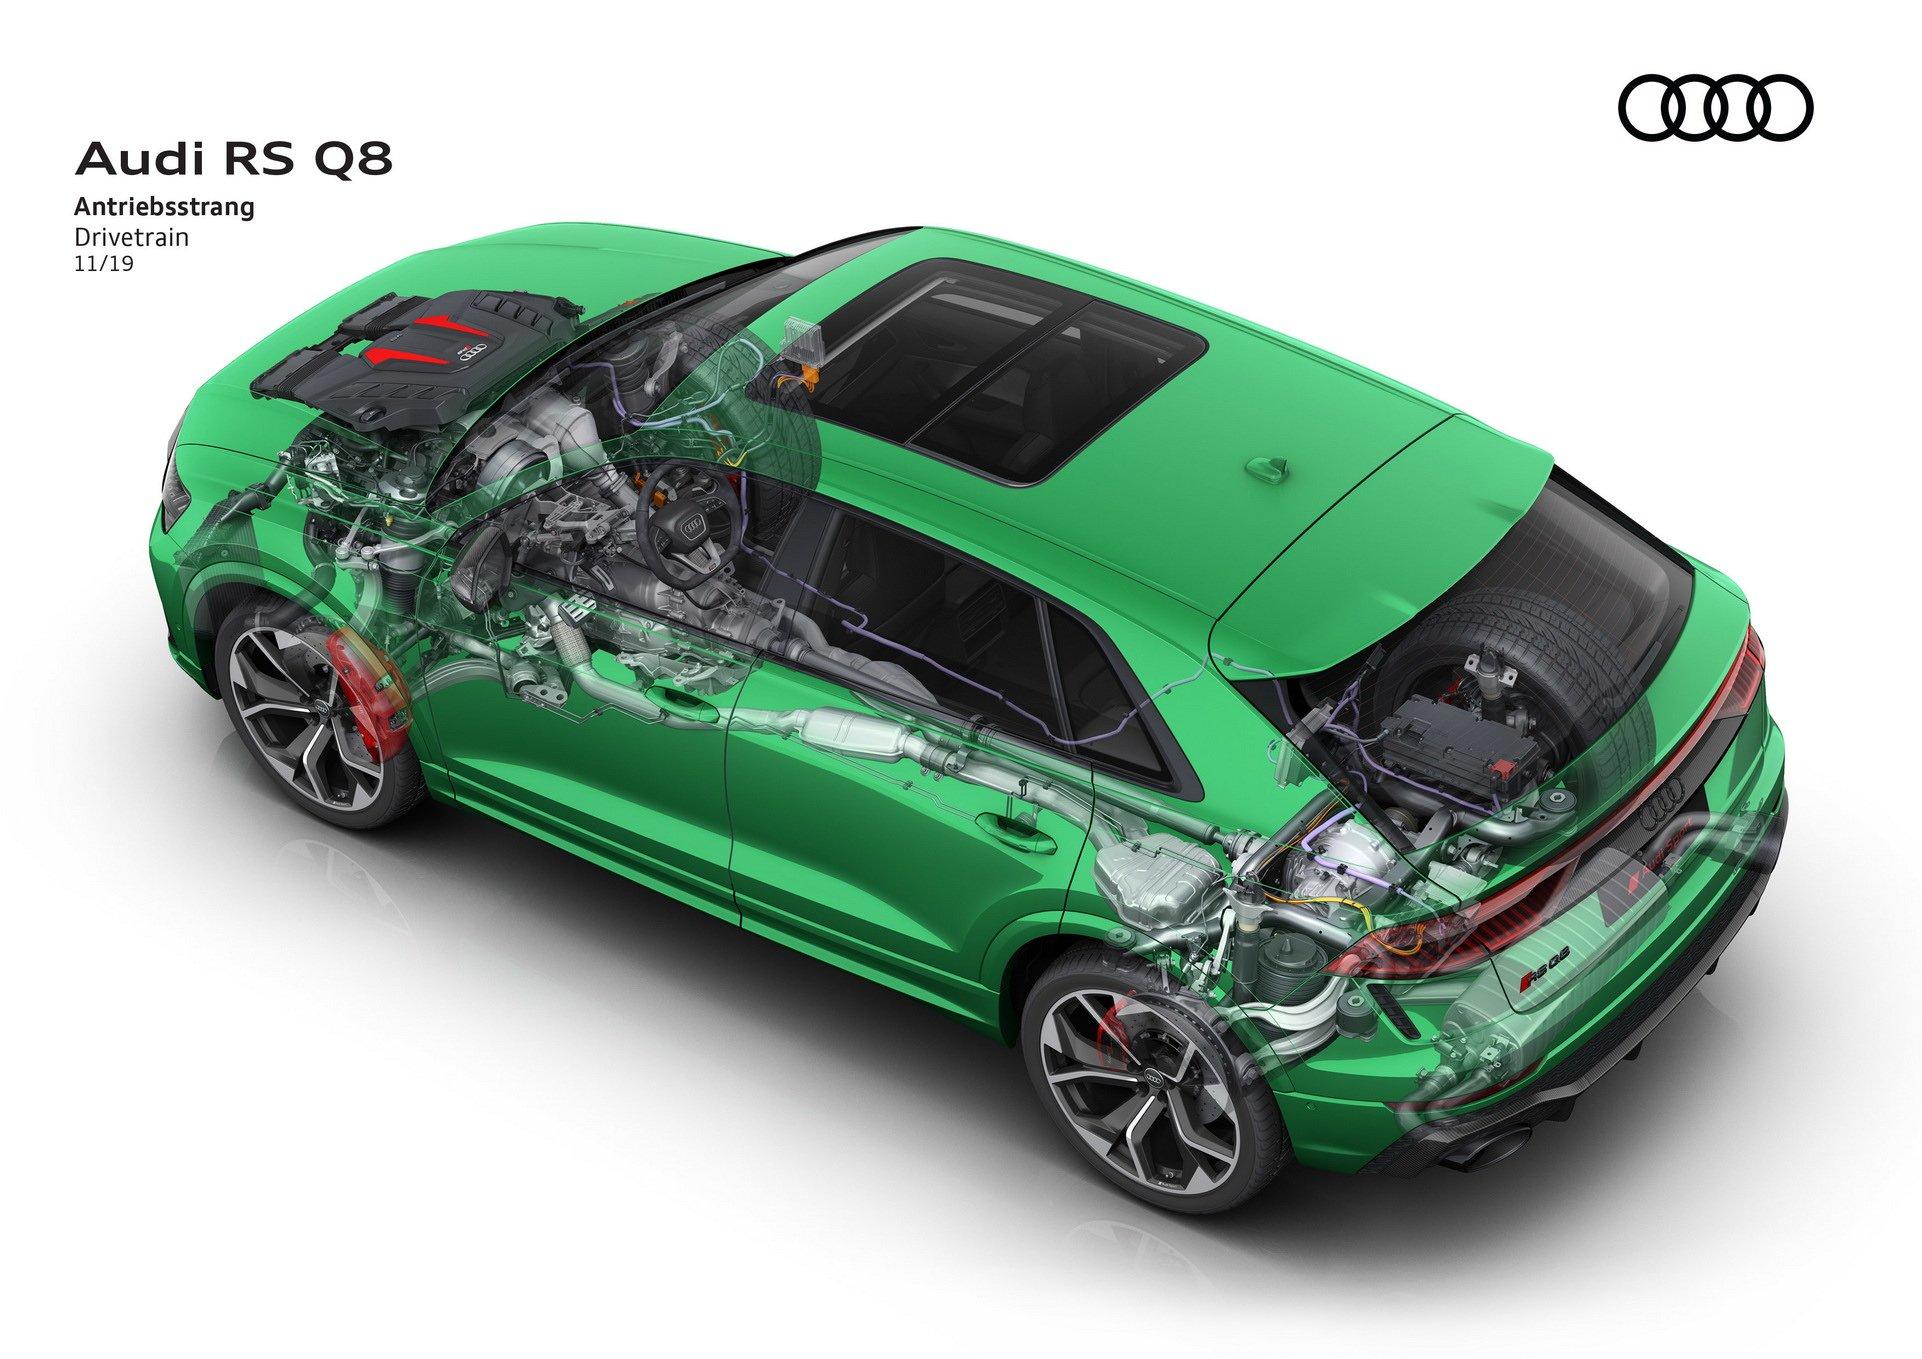 Audi-RS-Q8-59